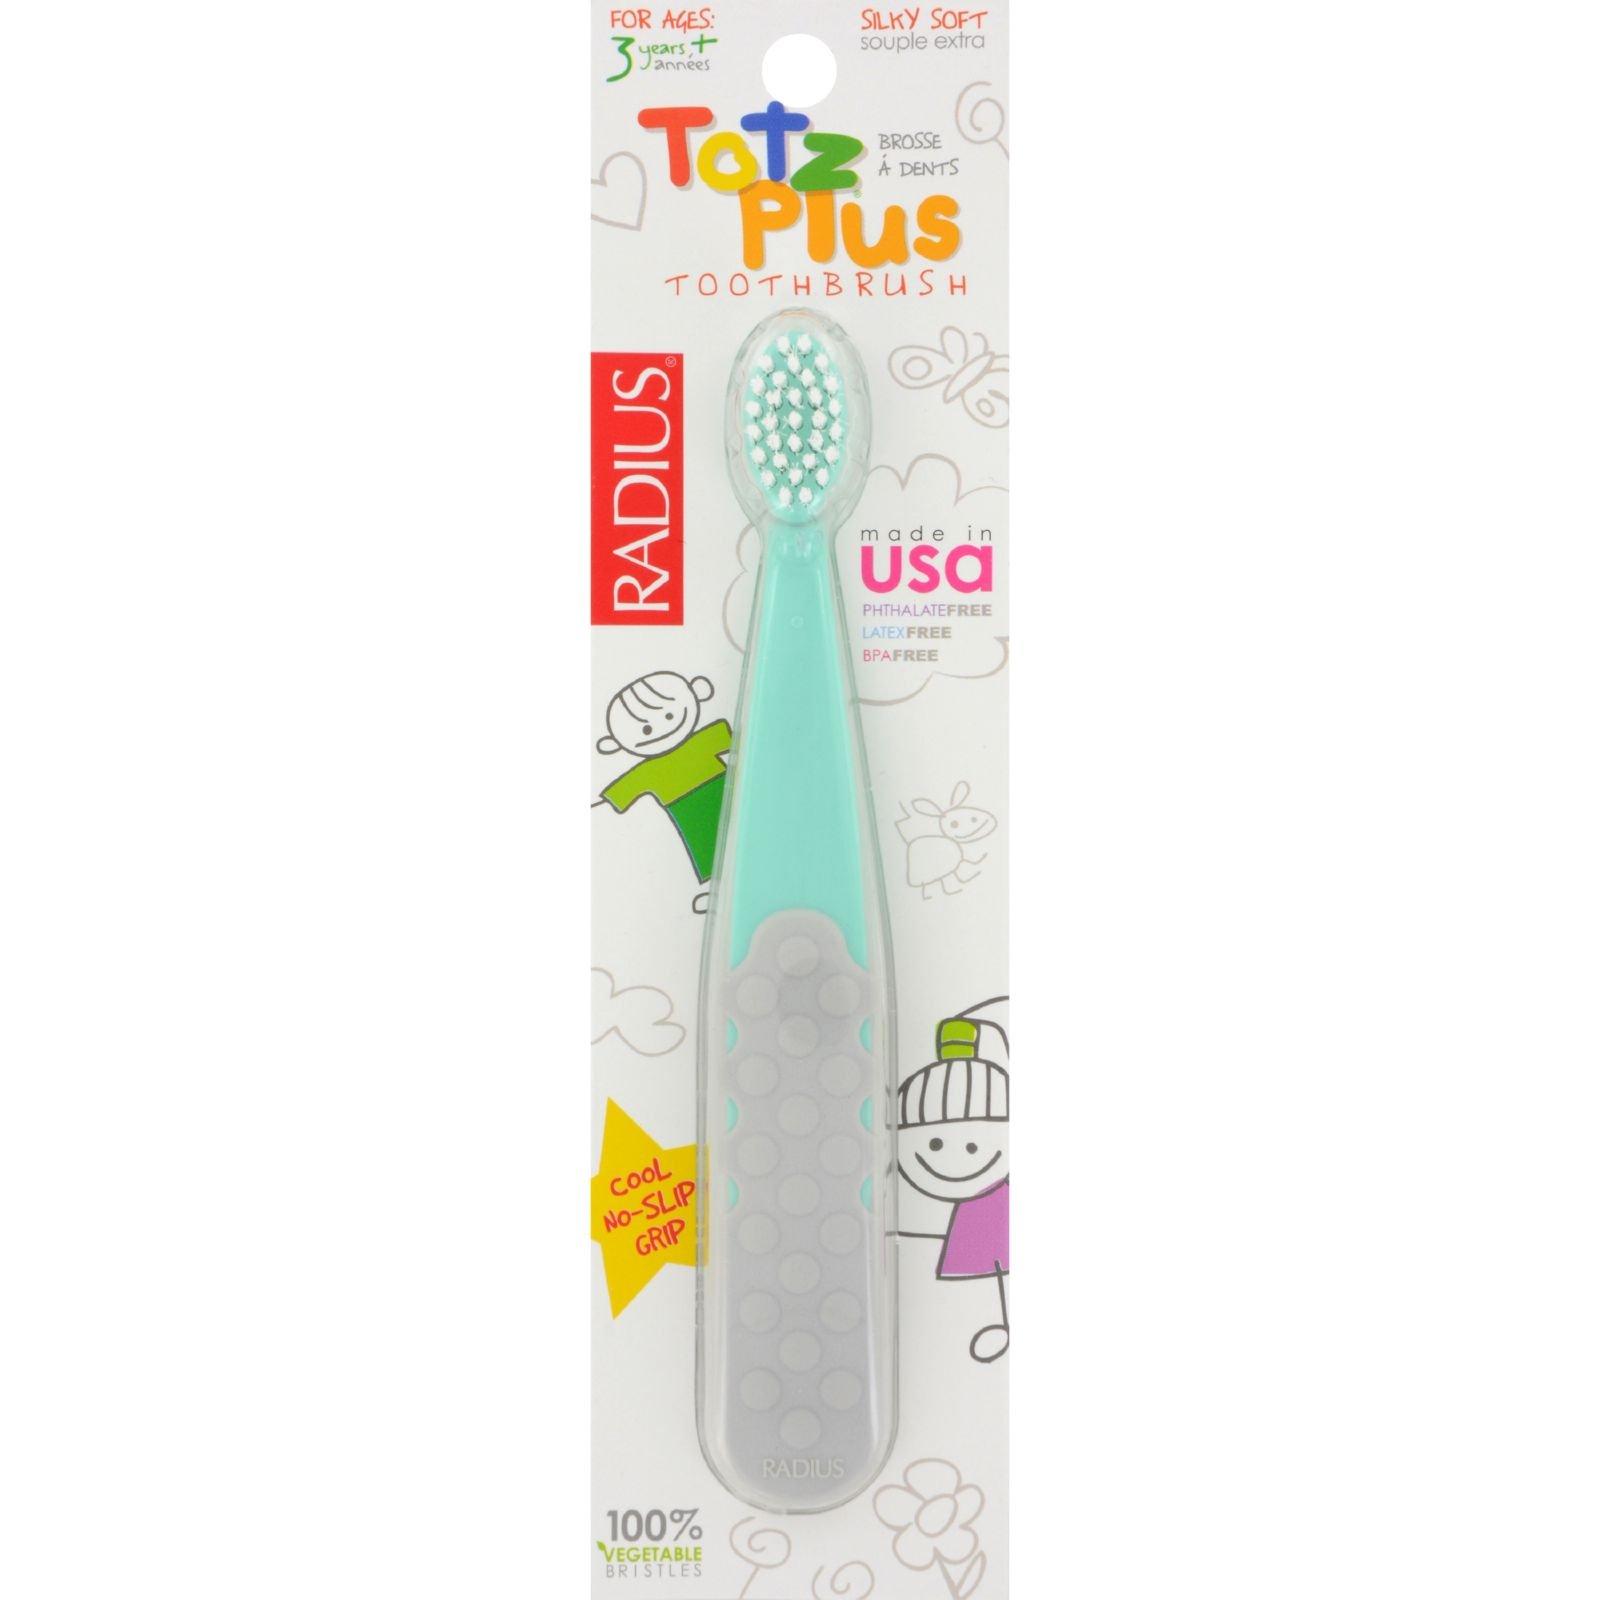 Radius Toothbrush Totz Plus Silky Soft (6 Pack) by RADIUS (Image #1)